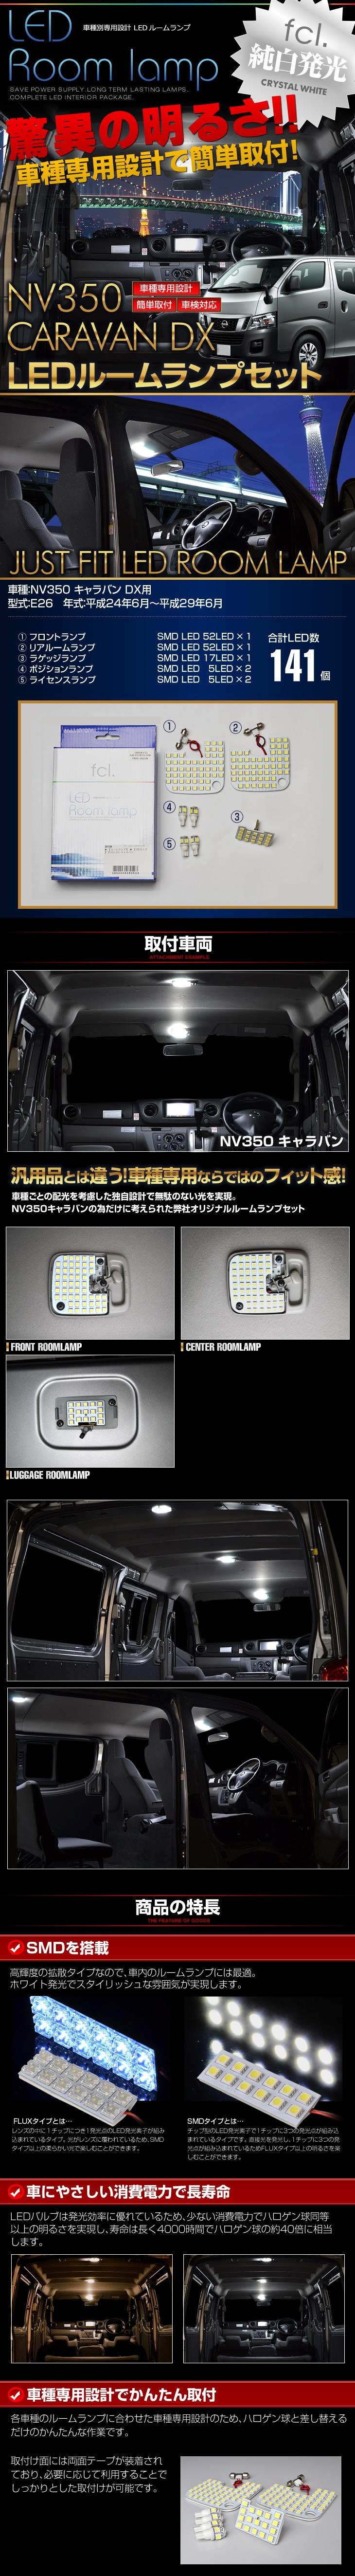 NV350キャラバン専用LEDルームランプセット